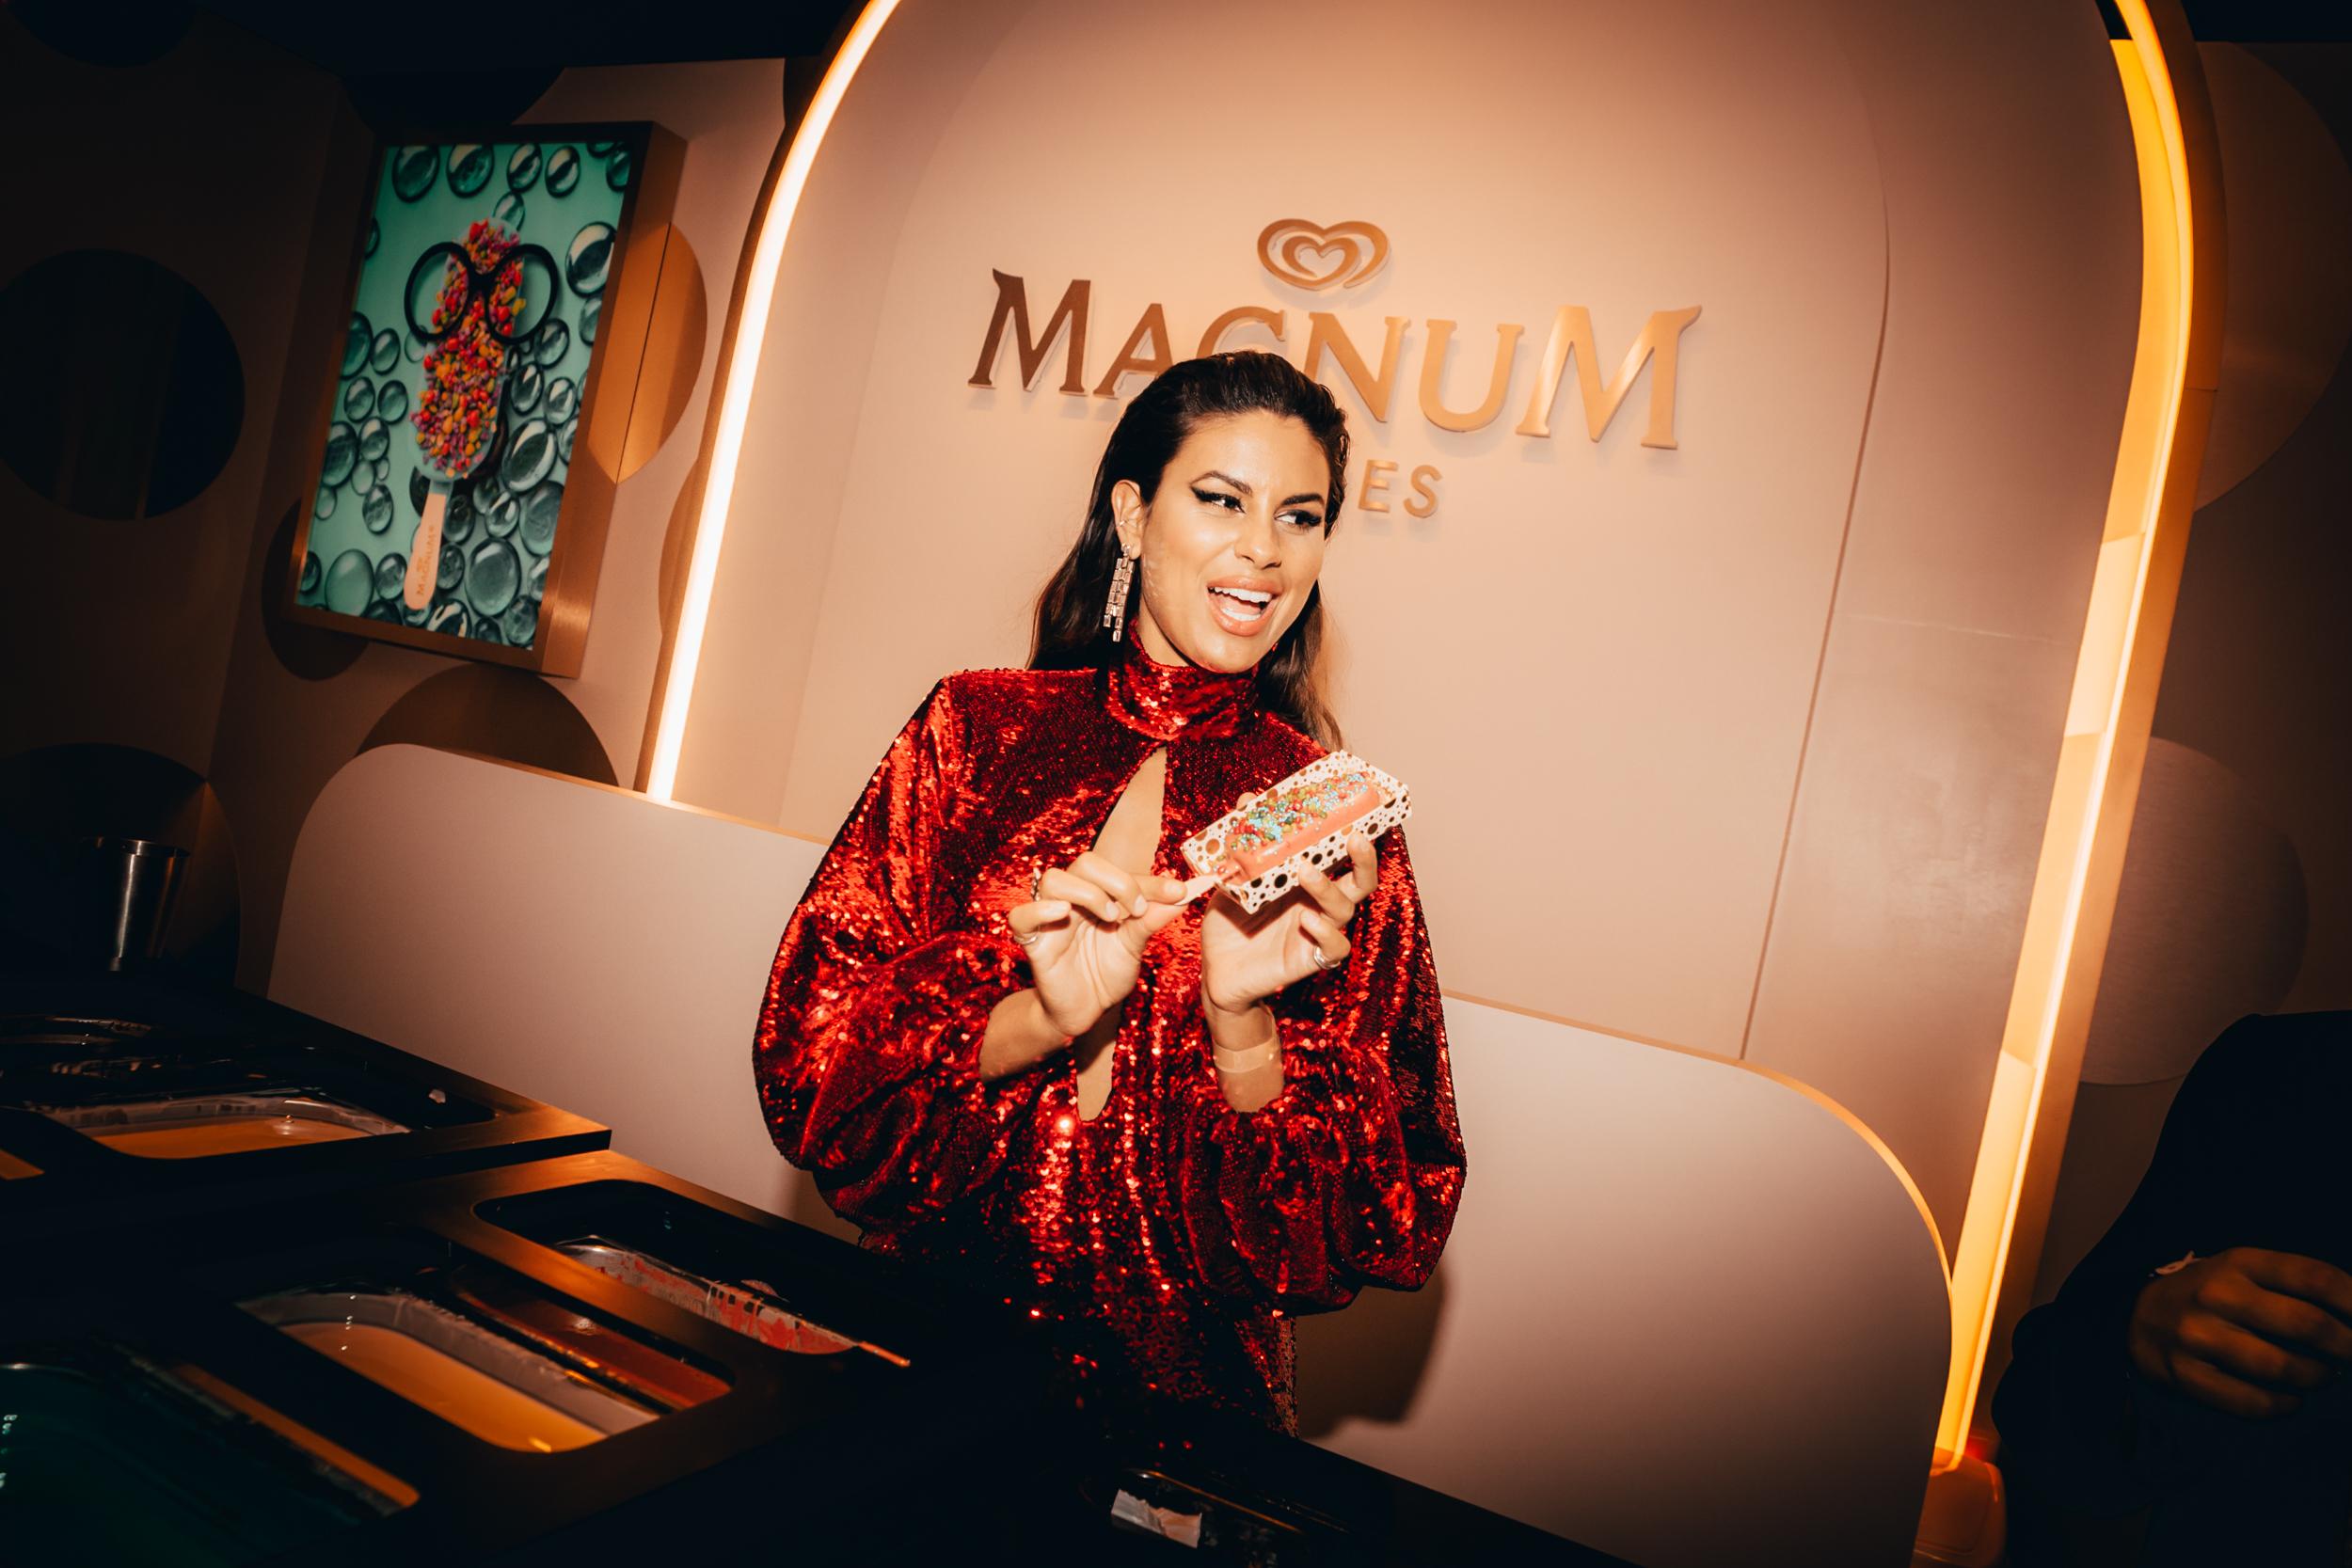 Magnum Cannes 2019_Florian Leger_HD_N°-548.jpg